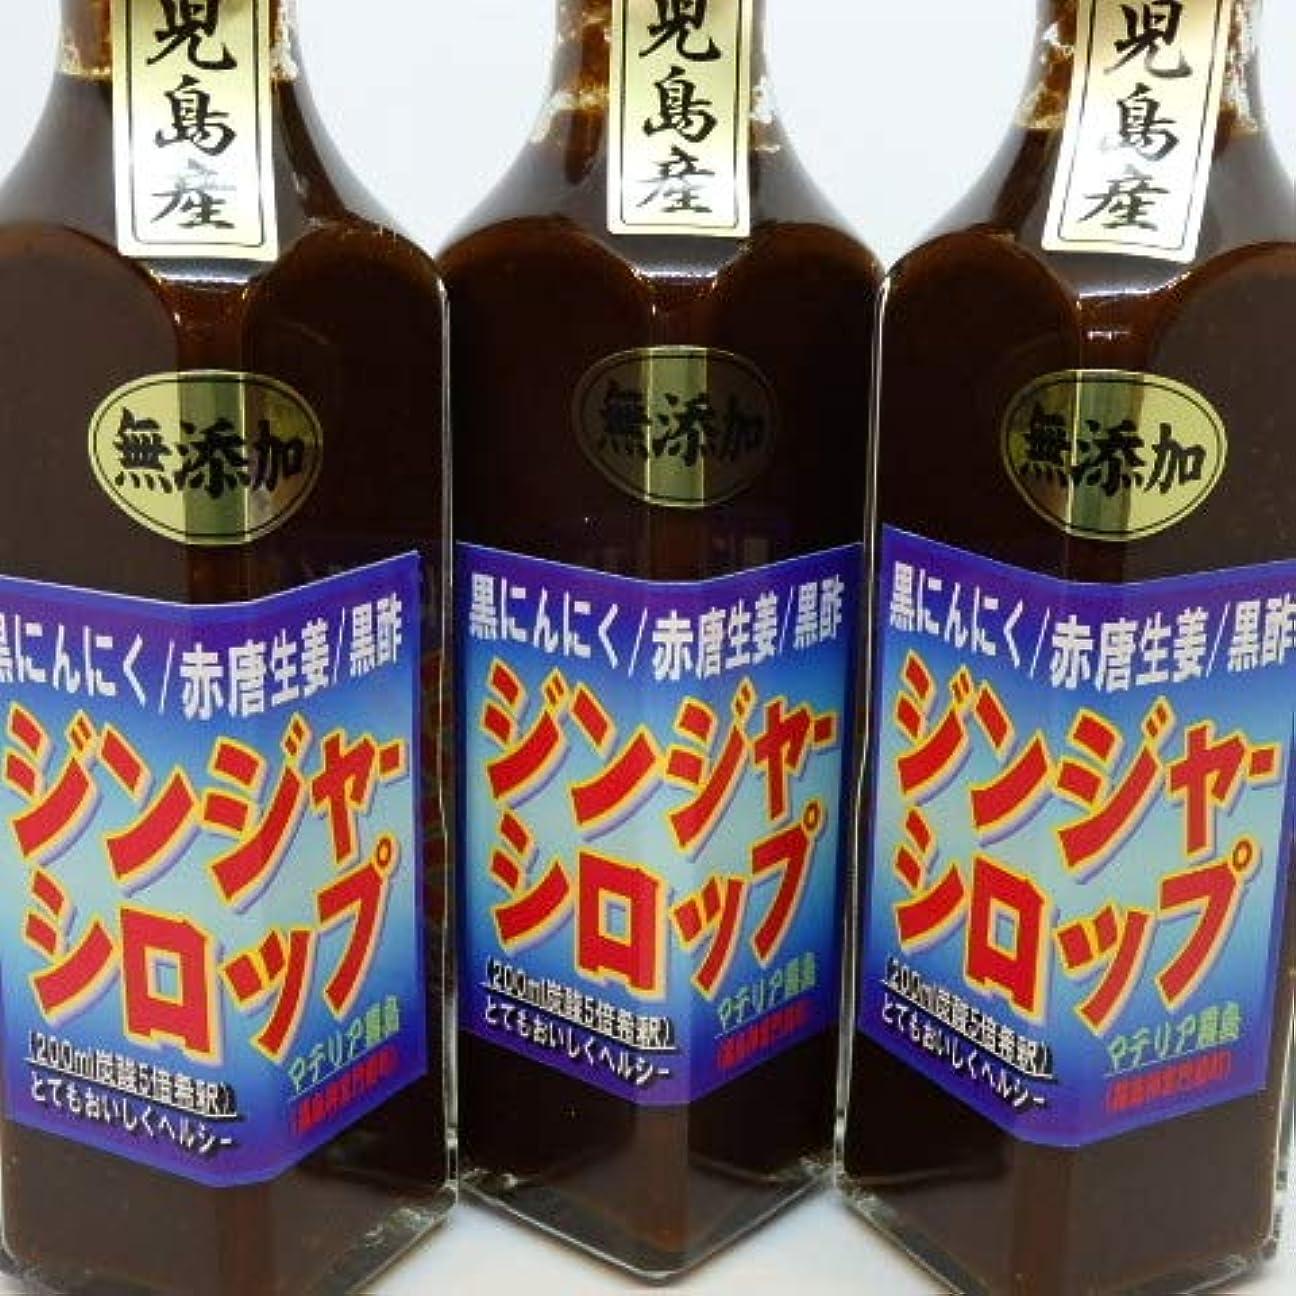 説明的よく話される聴衆黒酢黒ジンジャ-/無添加/200ml×3組90日分¥10,800